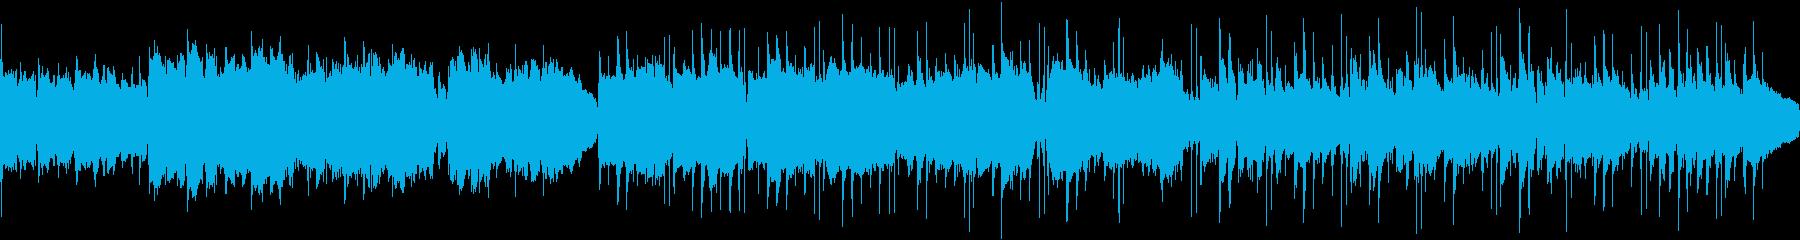 穏やかなギターアンサンブルの再生済みの波形